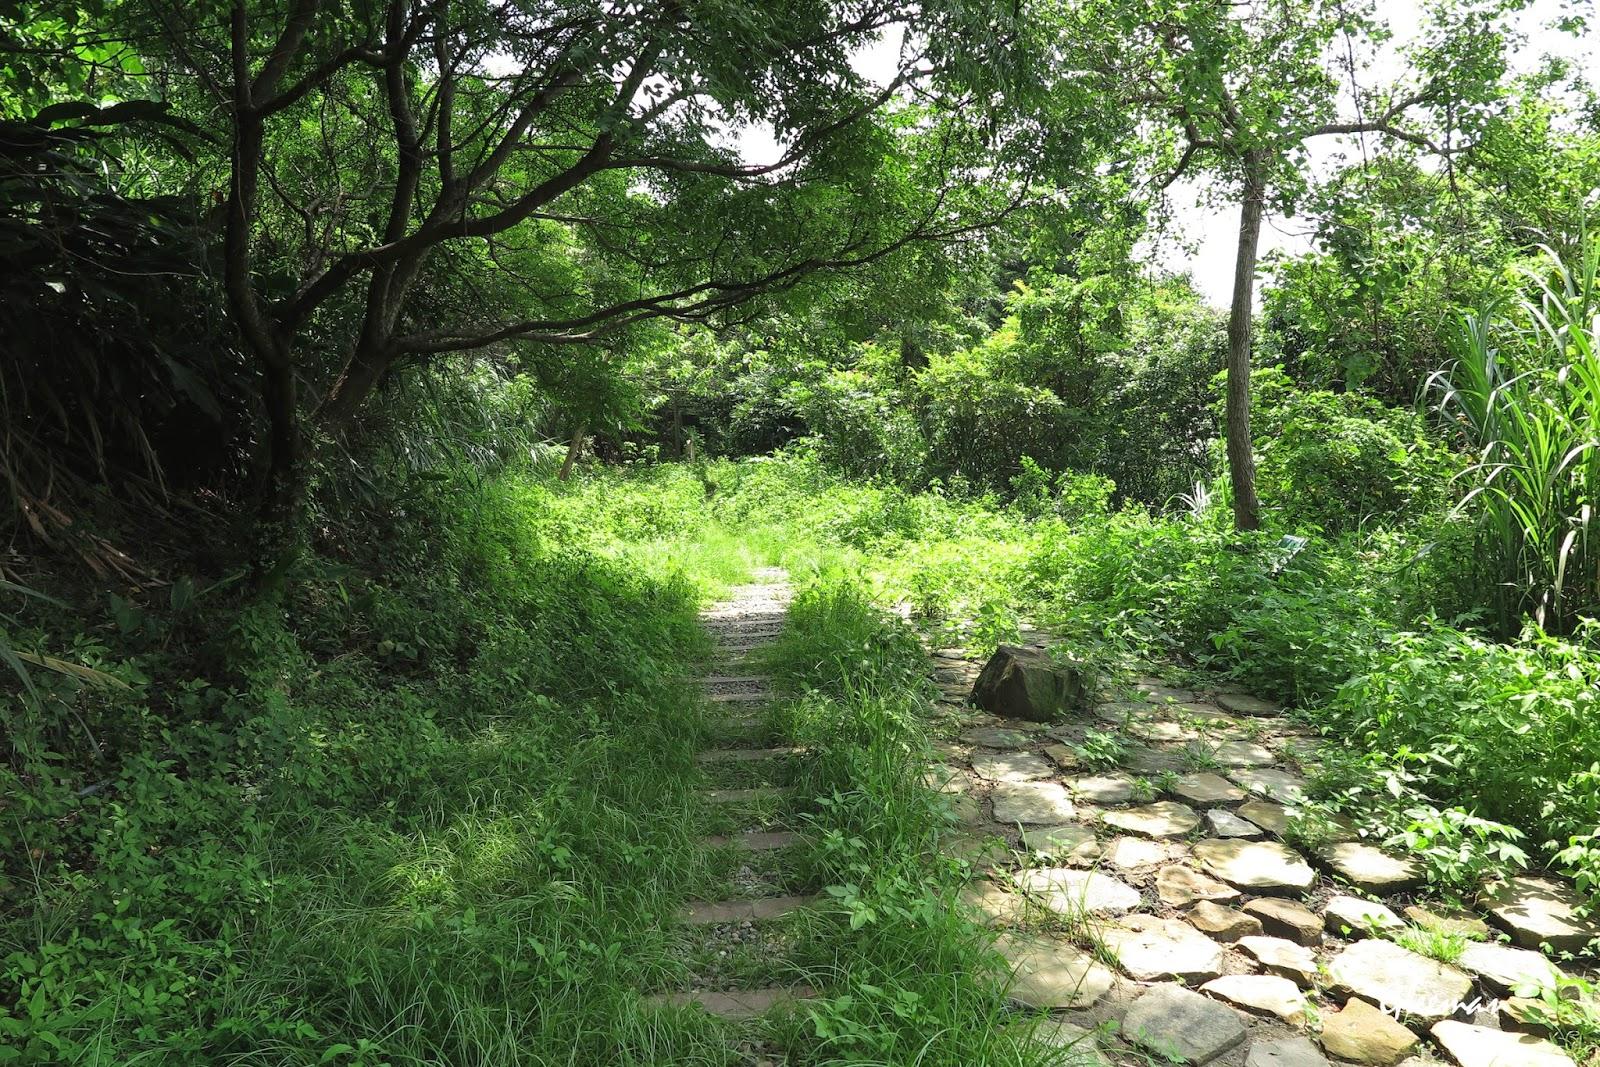 隨著在這裡的兩塊新闢的空地的石縫間草又長出來,山紅頭又開始會出現在附近活動了